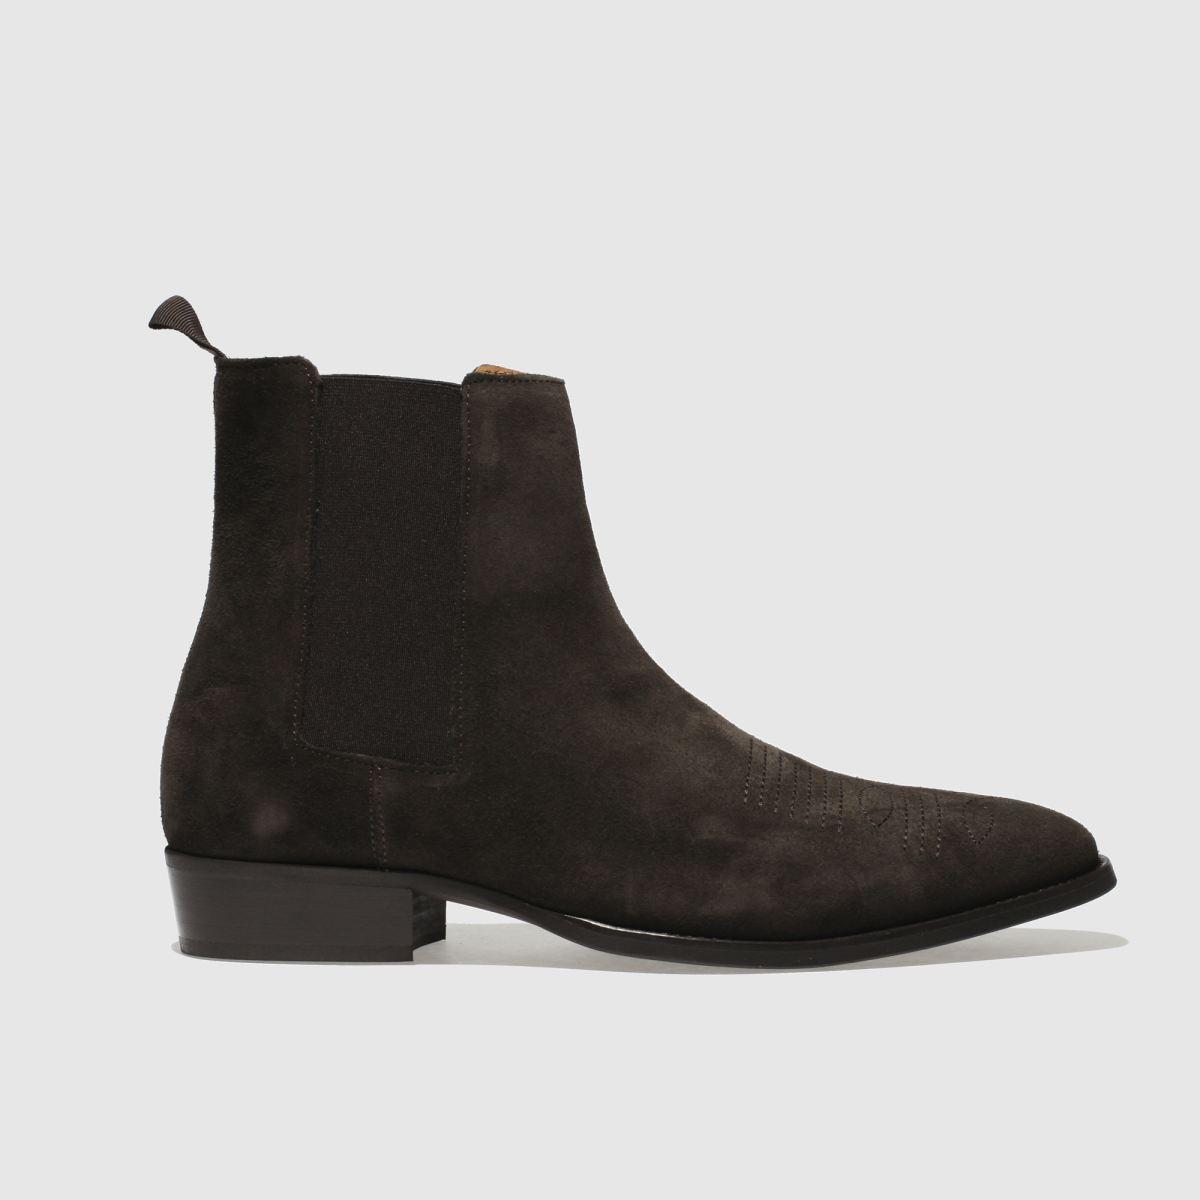 Schuh Dark Brown Pete Cowboy Boots